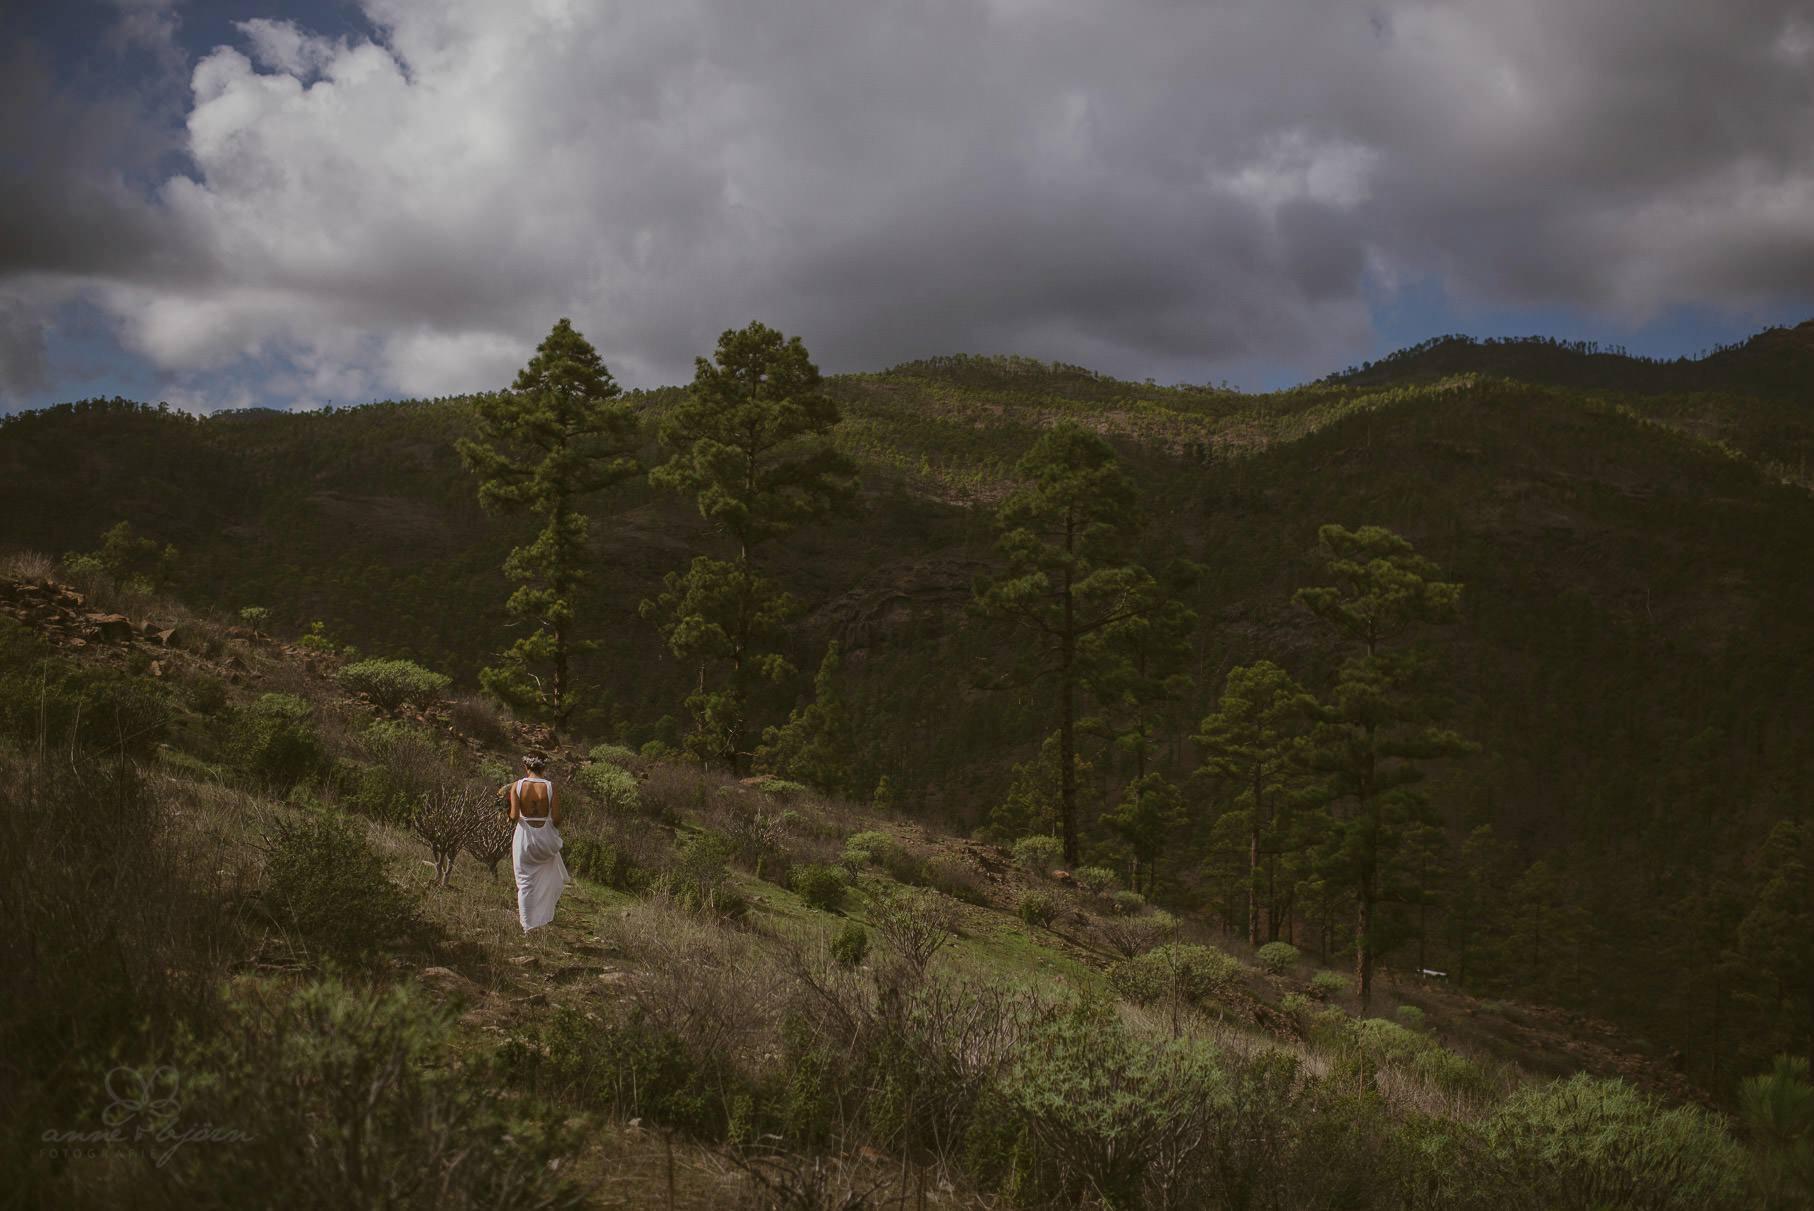 0067 lug d75 6288 - Hochzeit auf Gran Canaria - Linda & Gerald (Elopement)